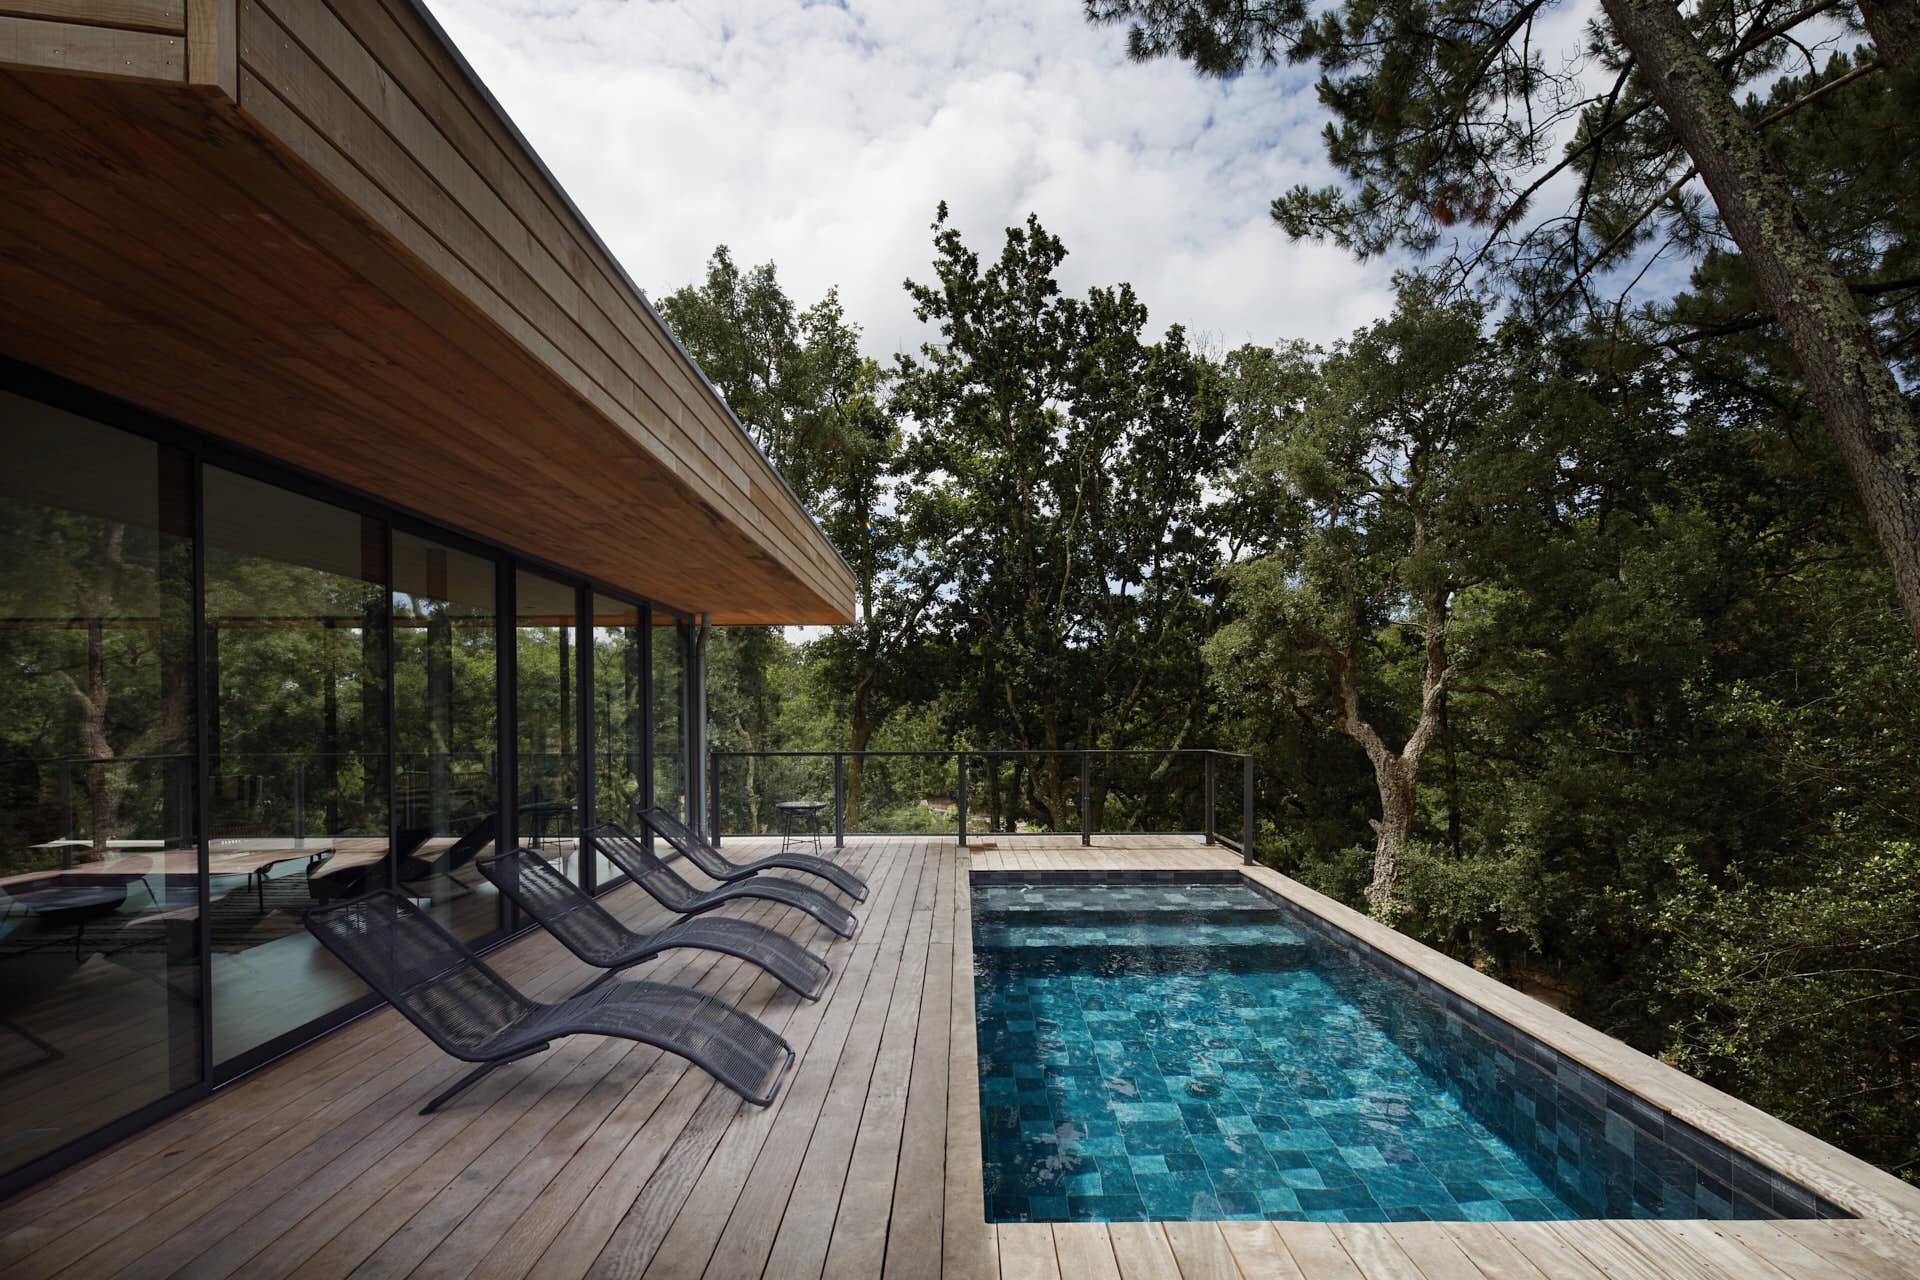 La piscine de la villa de la forêt.